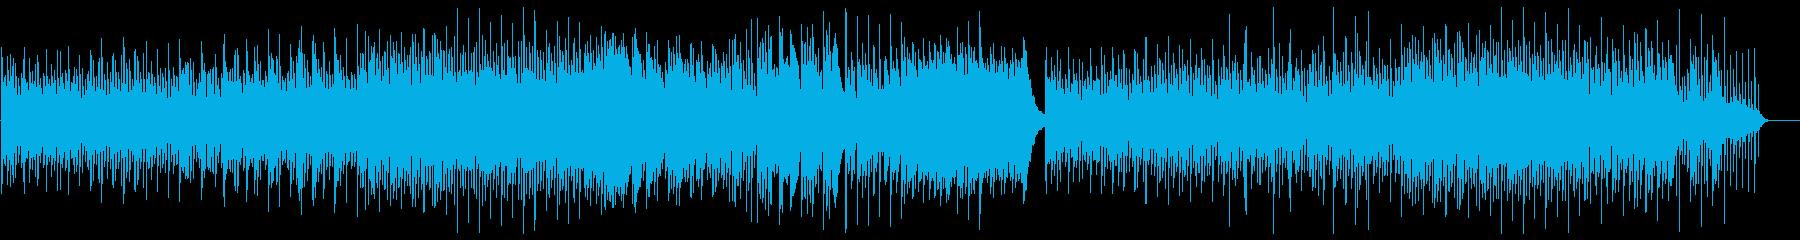 ミステリアスなピアノインストルメントの再生済みの波形